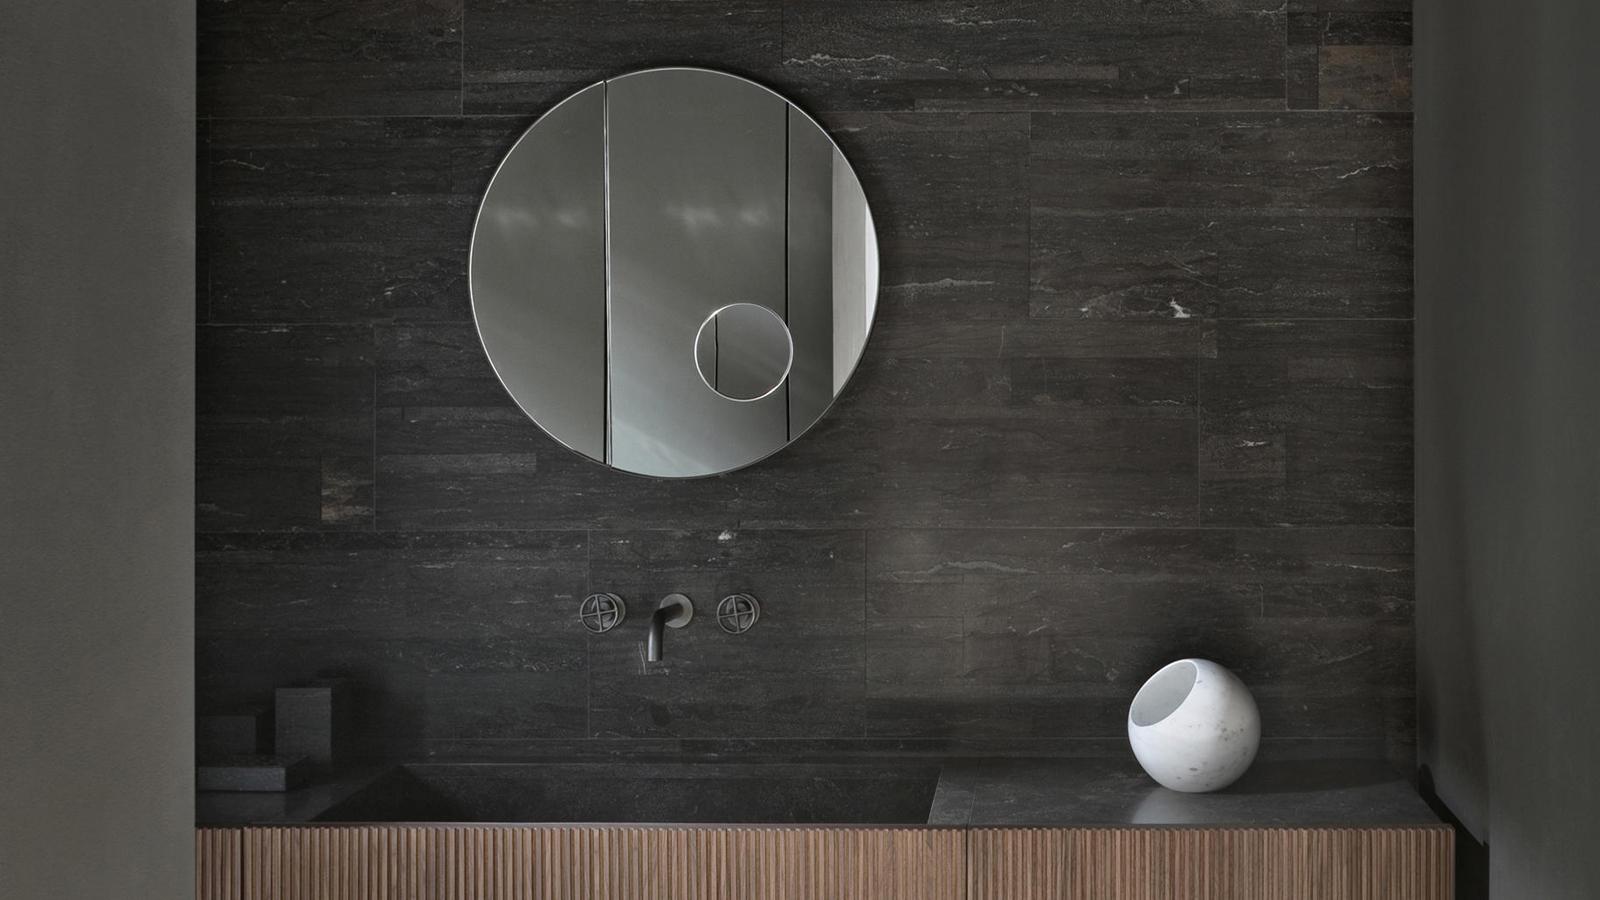 Az Elisa Ossino designer által tervezett, vékony keretes Archimede tükrök a kör és a téglalap különböző geometriáival játszanak, diszkrét zsanérjaik segítségével pedig egy részük akár be is hajtható. A tükrök ráadásul egy beépített nagyító tükröt is rejtenek, mely még egy geometriai játékkal gazdagítja az egyébként is érdekes darabot.